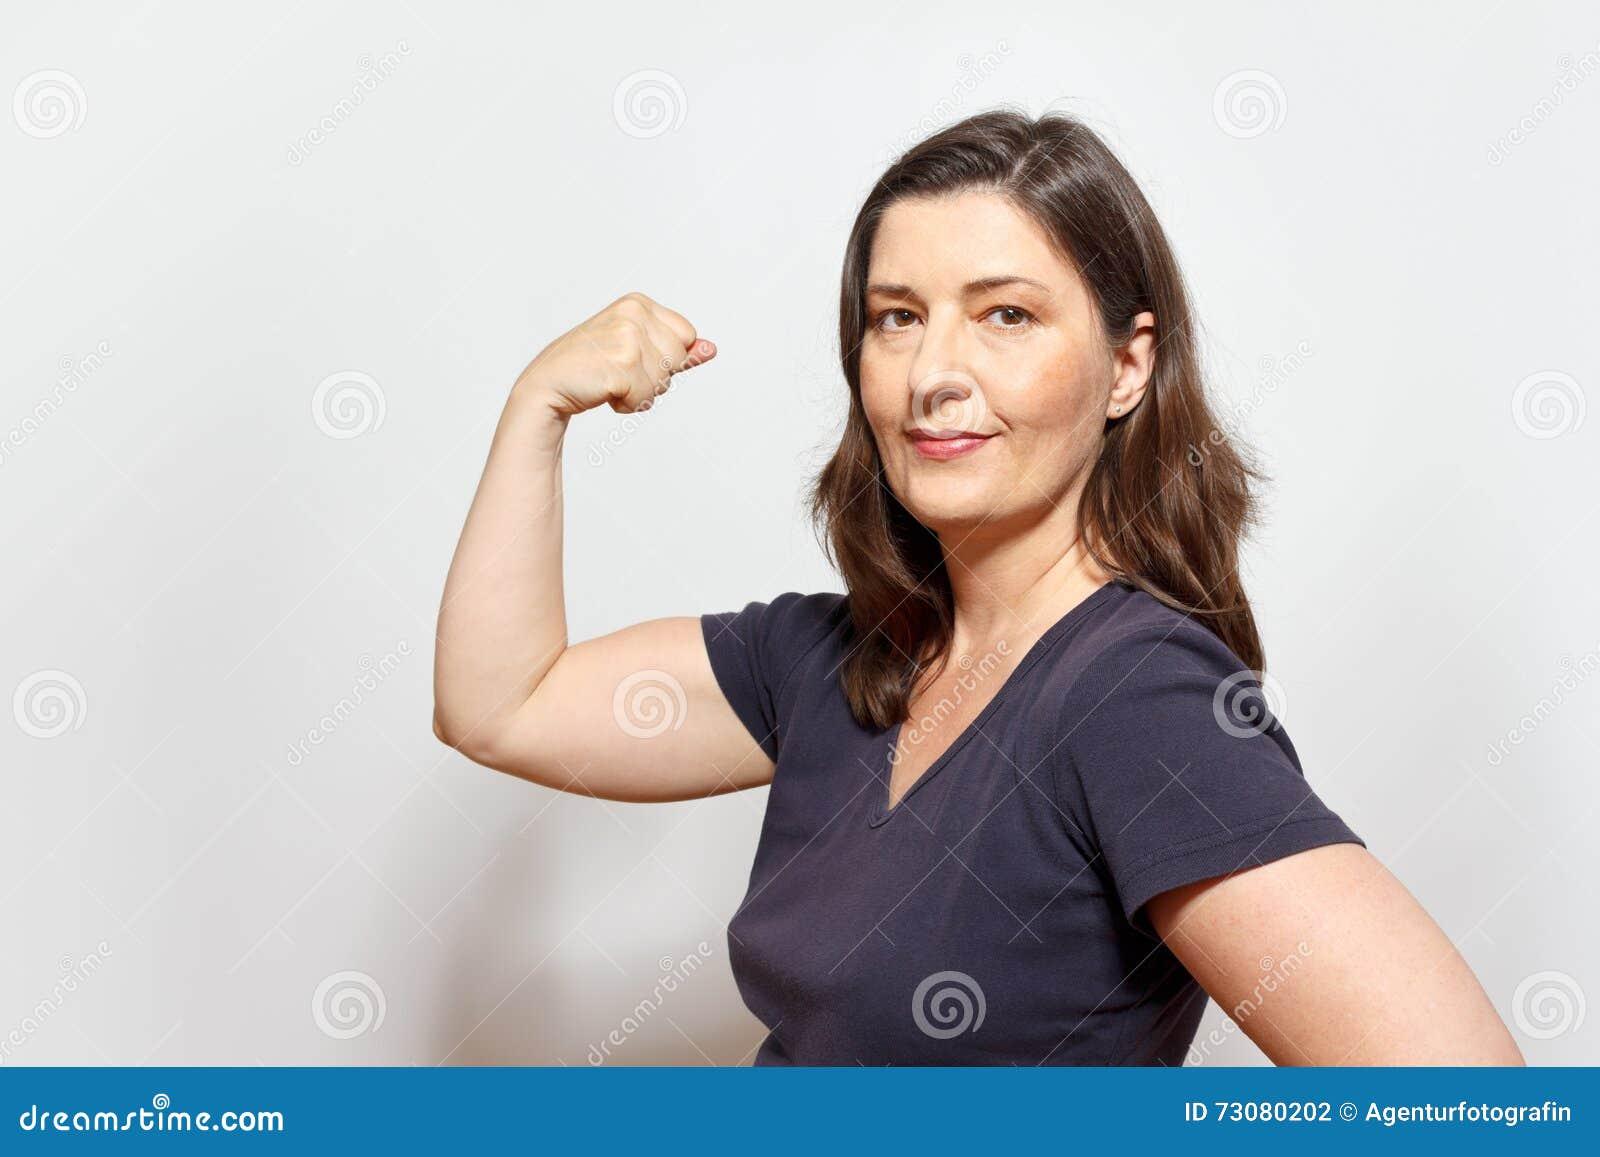 Donna sicura di sé che flette i muscoli del bicipite